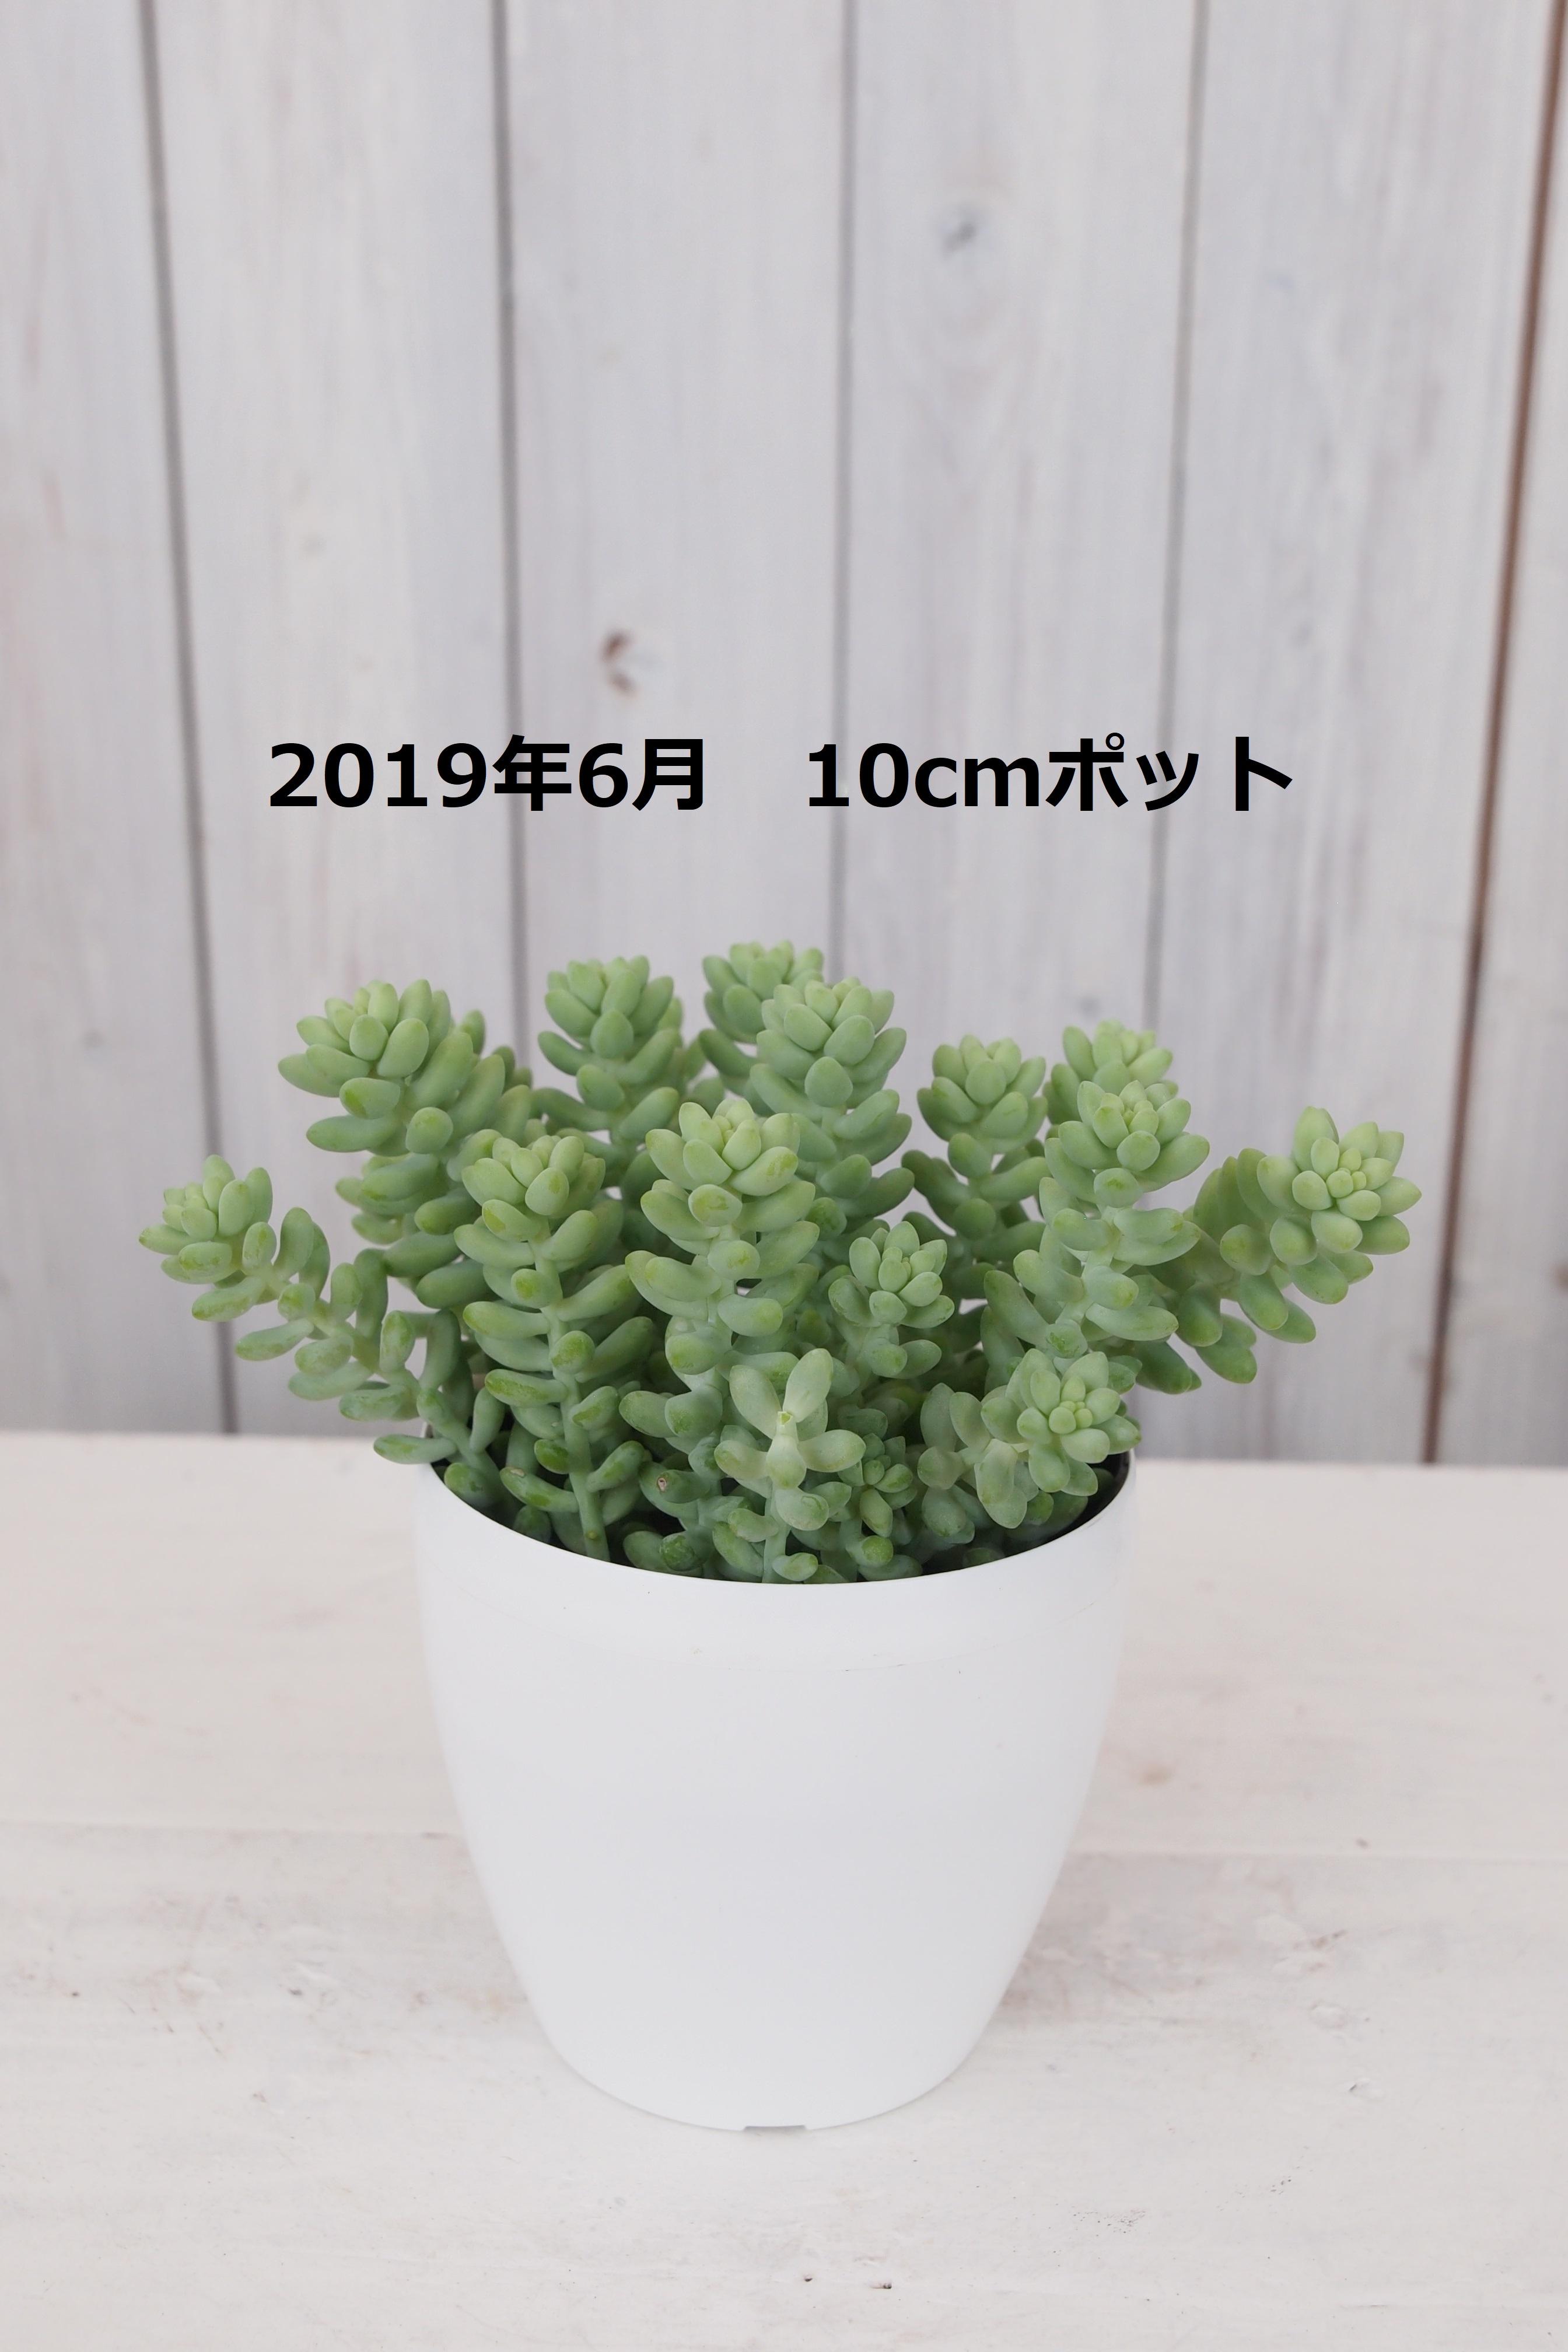 おばけセダム1鉢【現品限り】 - 4